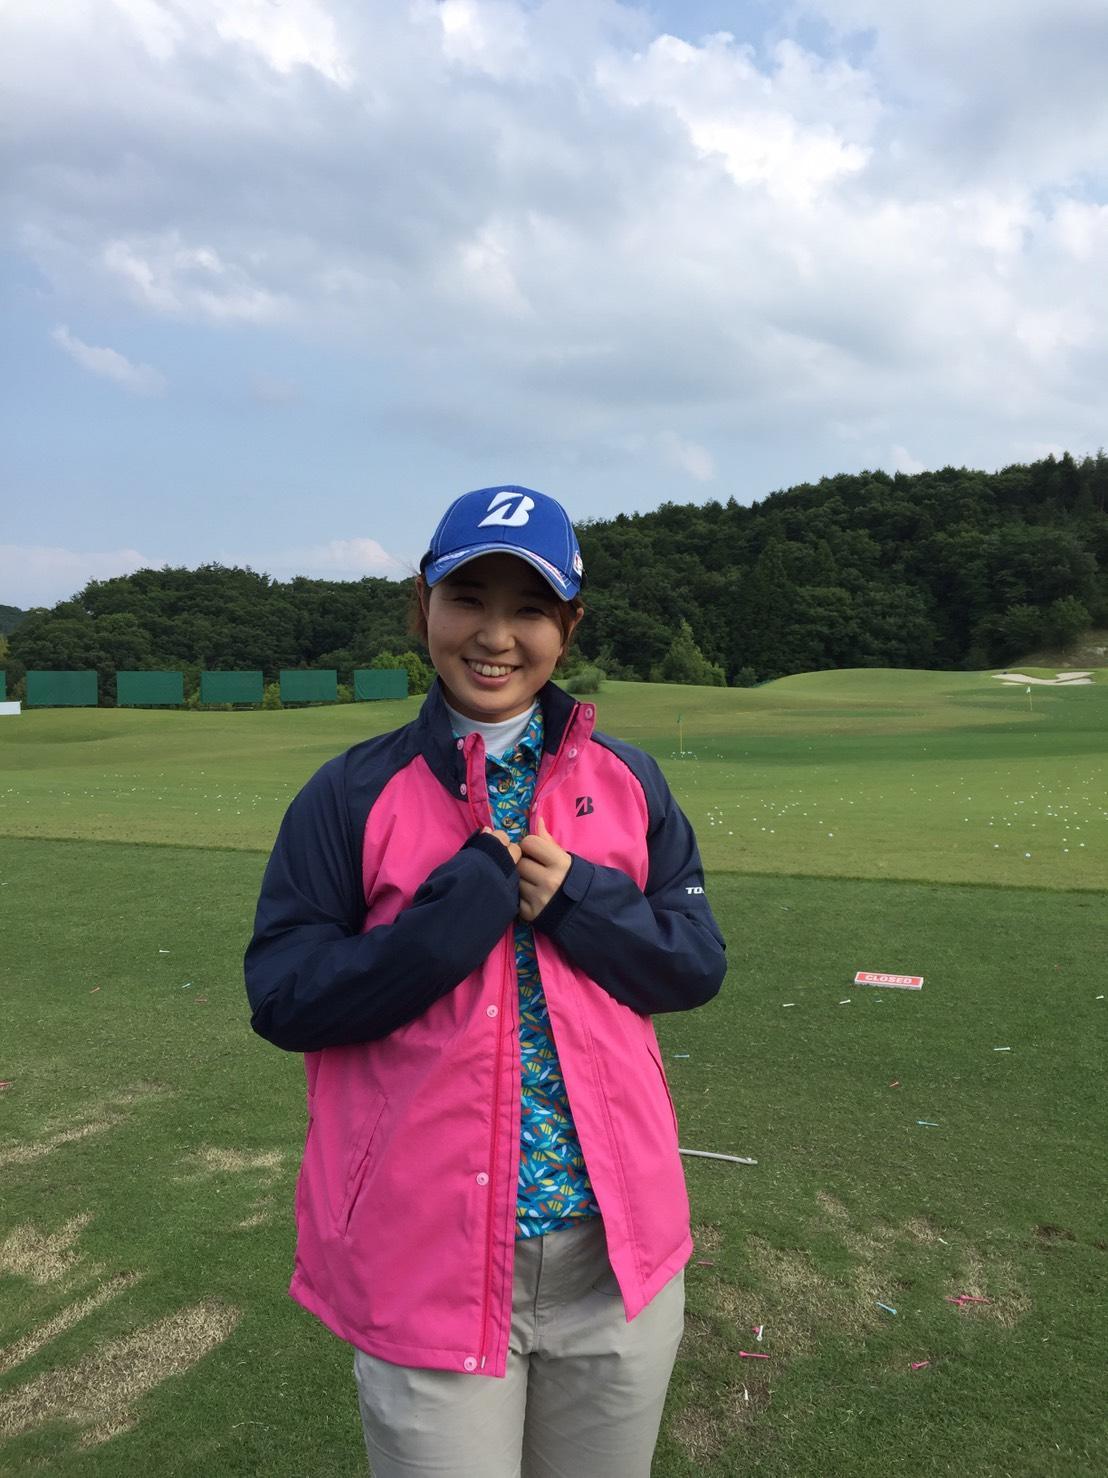 https://www.bs-golf.com/pro/3f936385e9ded928586c65b2fffaf050600ae96a.JPG